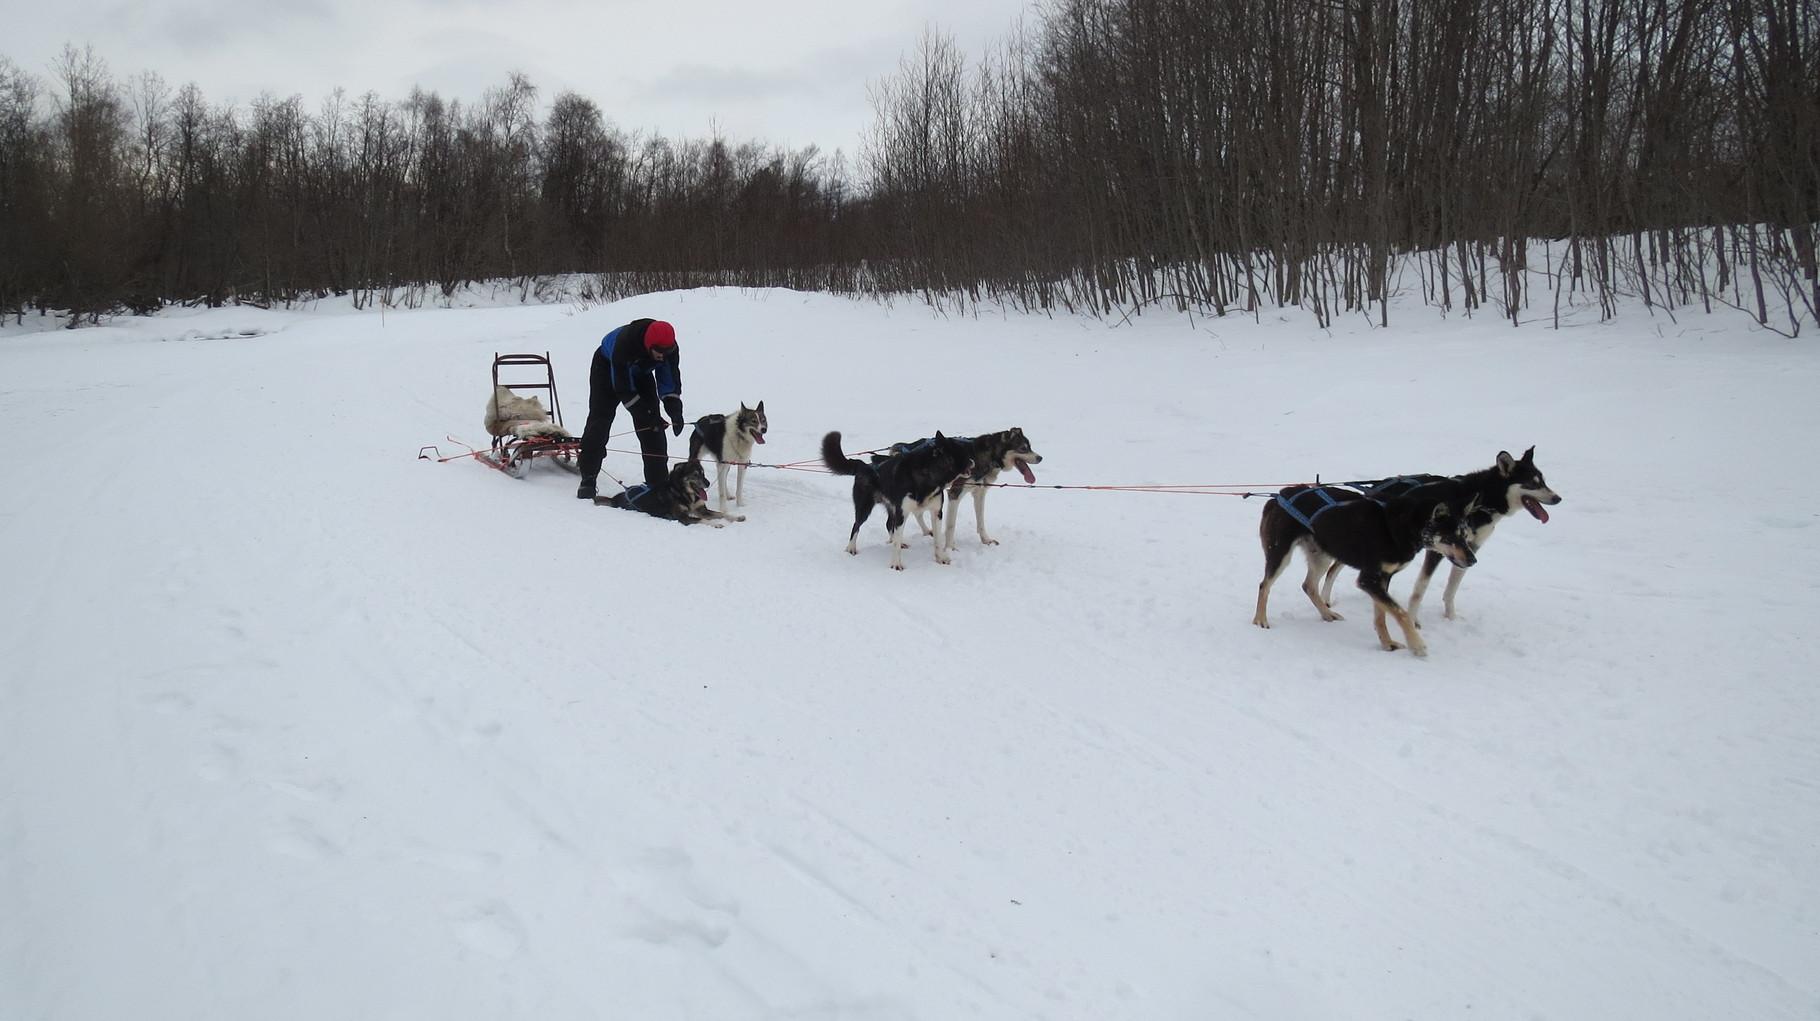 ... mit einigen Zwischenstopps zum Leinen- und Hundesortieren ...